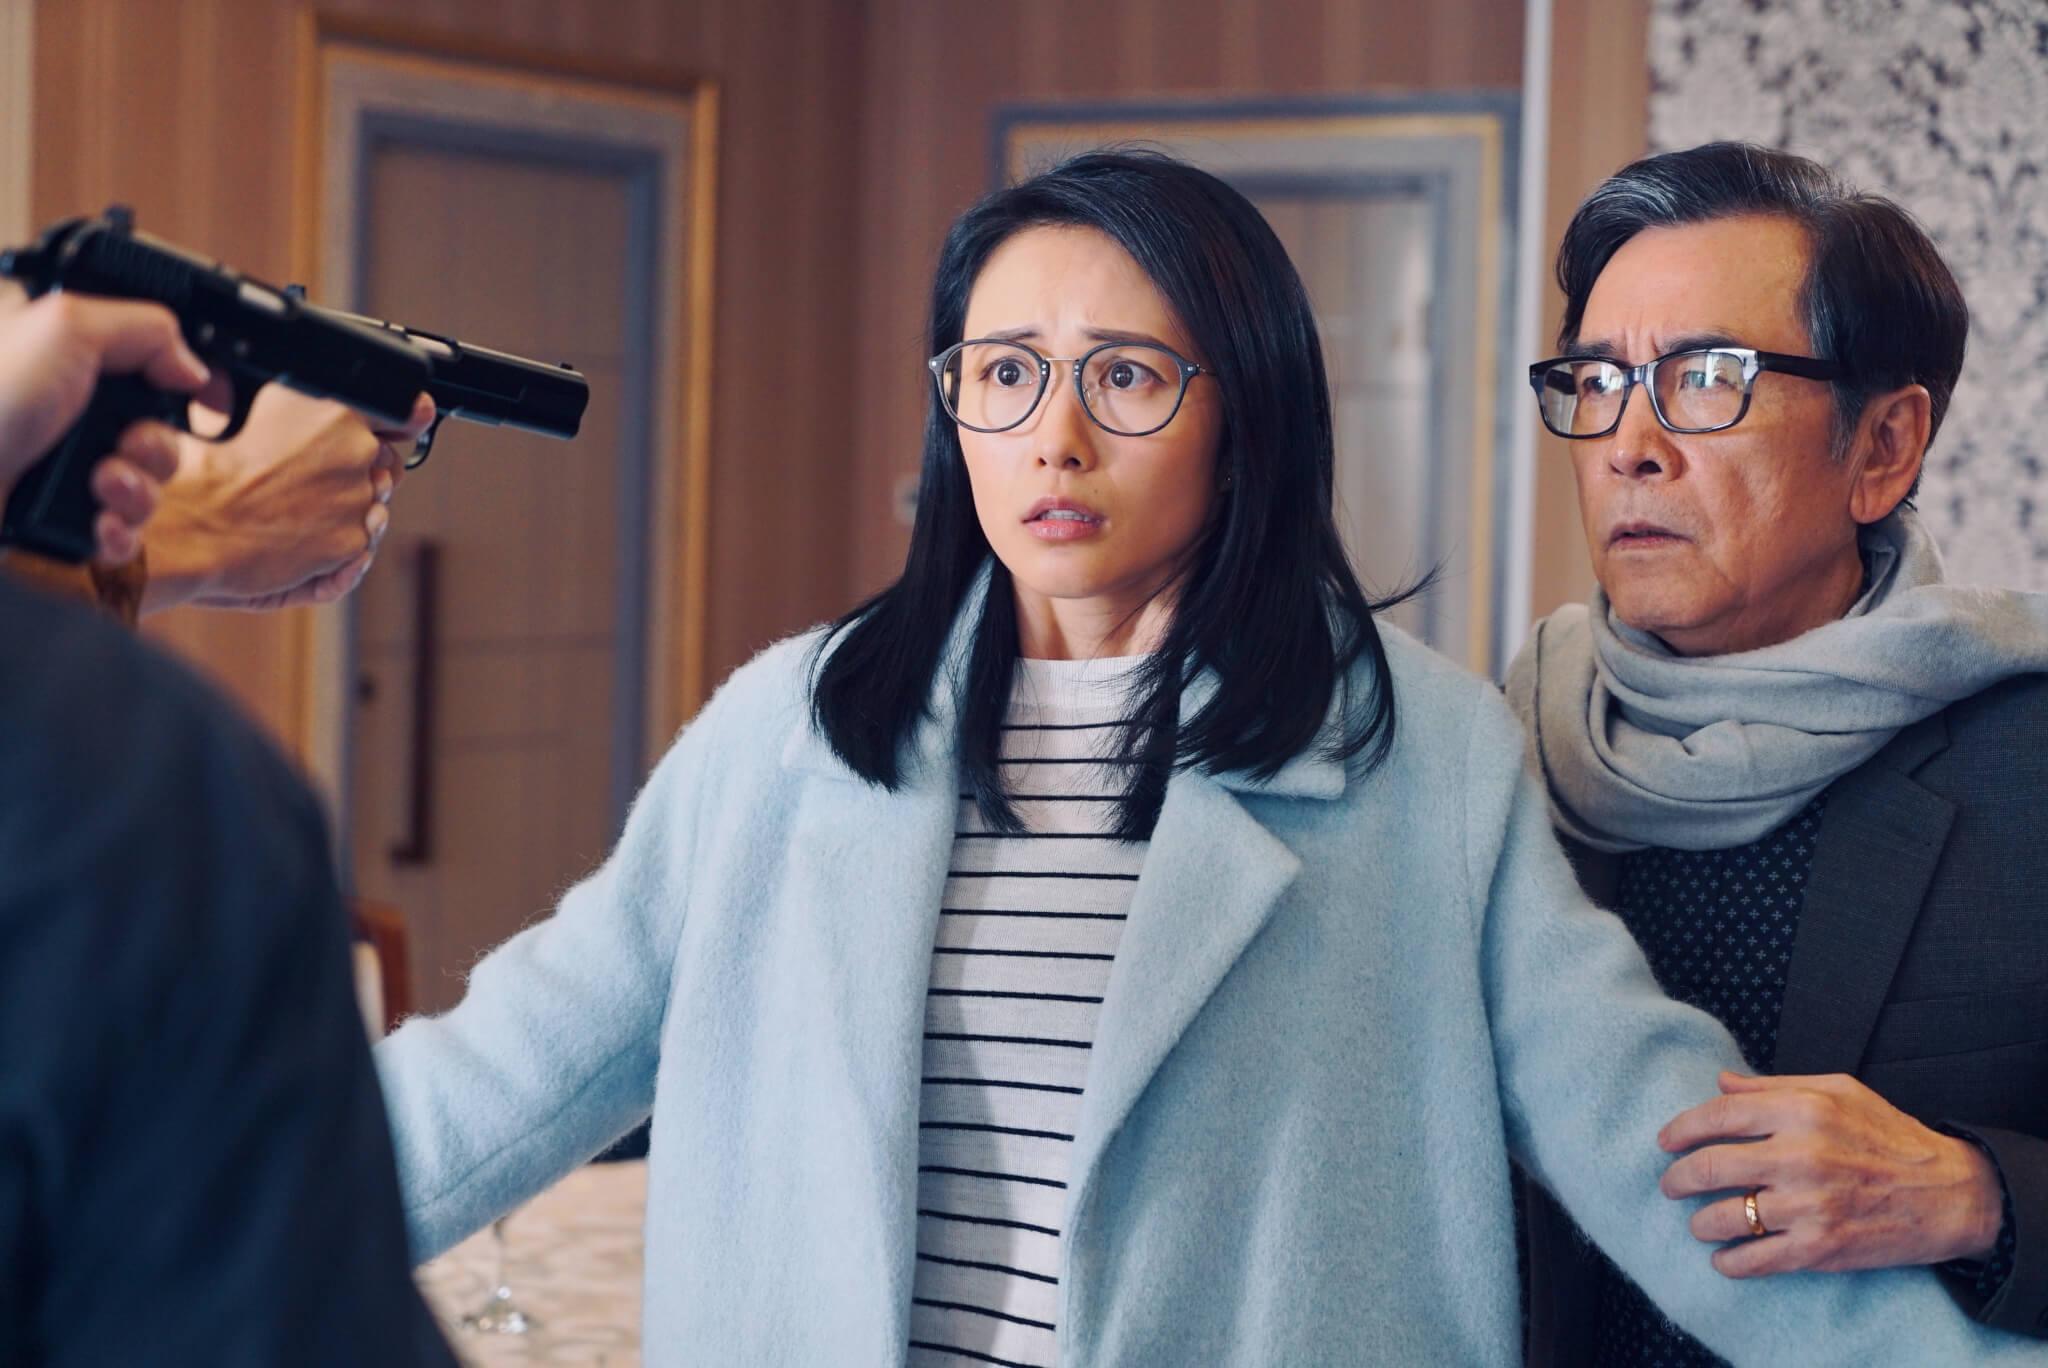 湯怡於無綫劇集《反黑路人甲》飾演姜大衞女兒,角色討好。